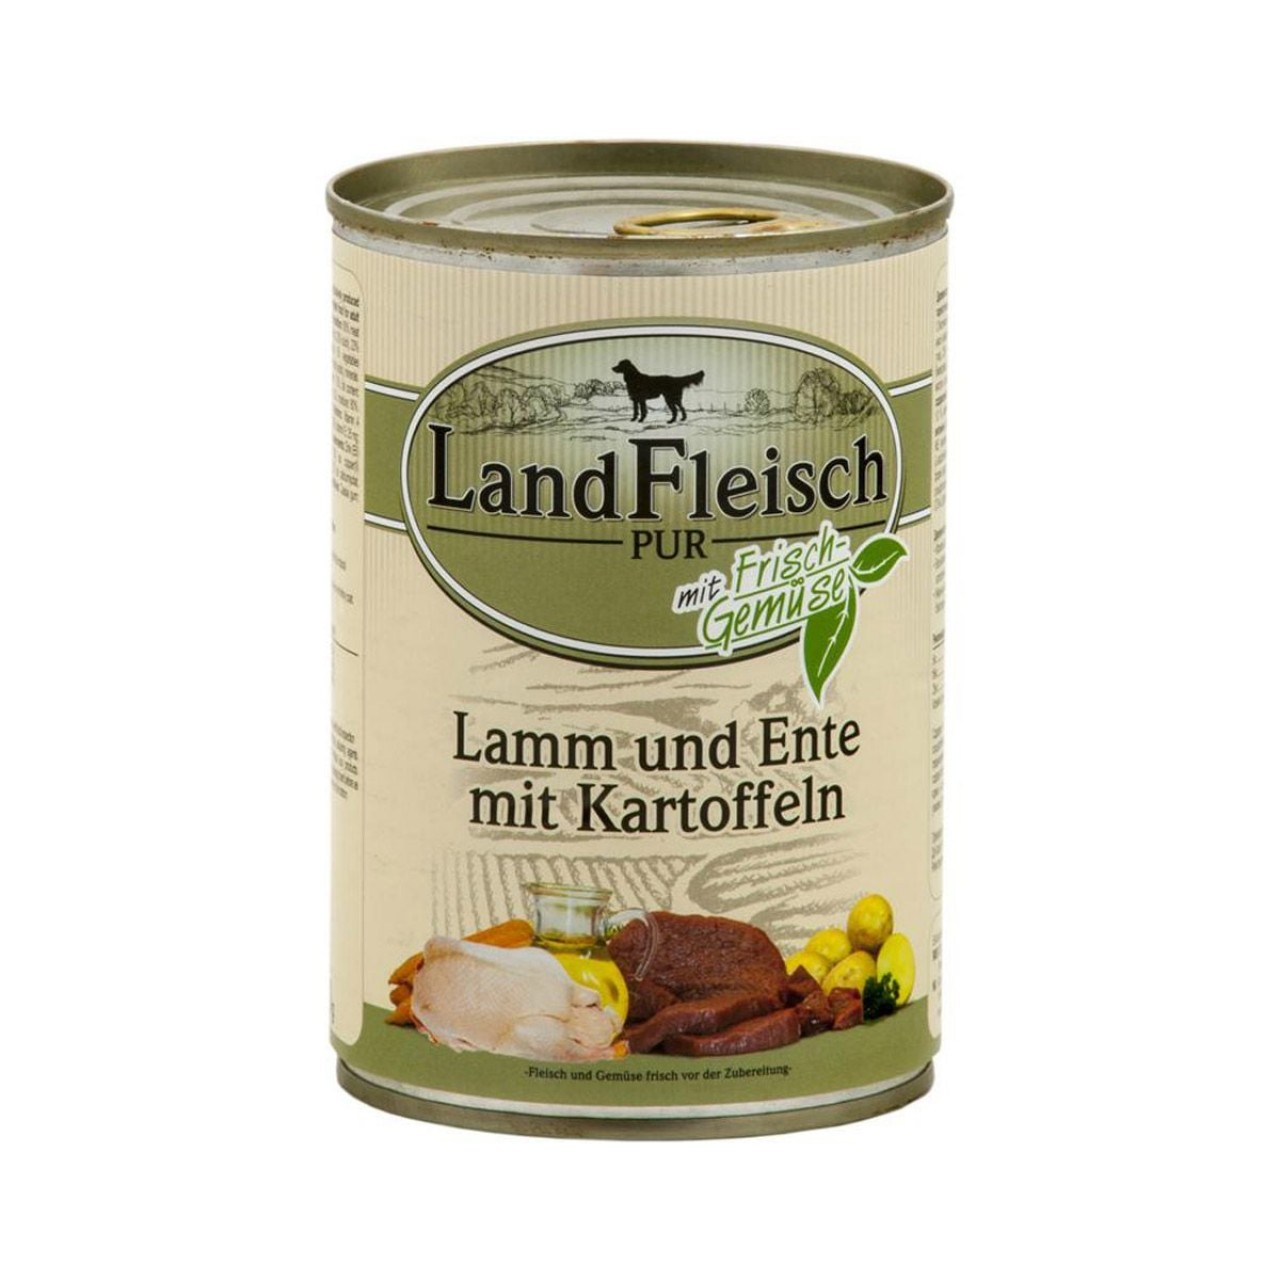 LandFleisch Pur Lamm, Ente und Kartoffel